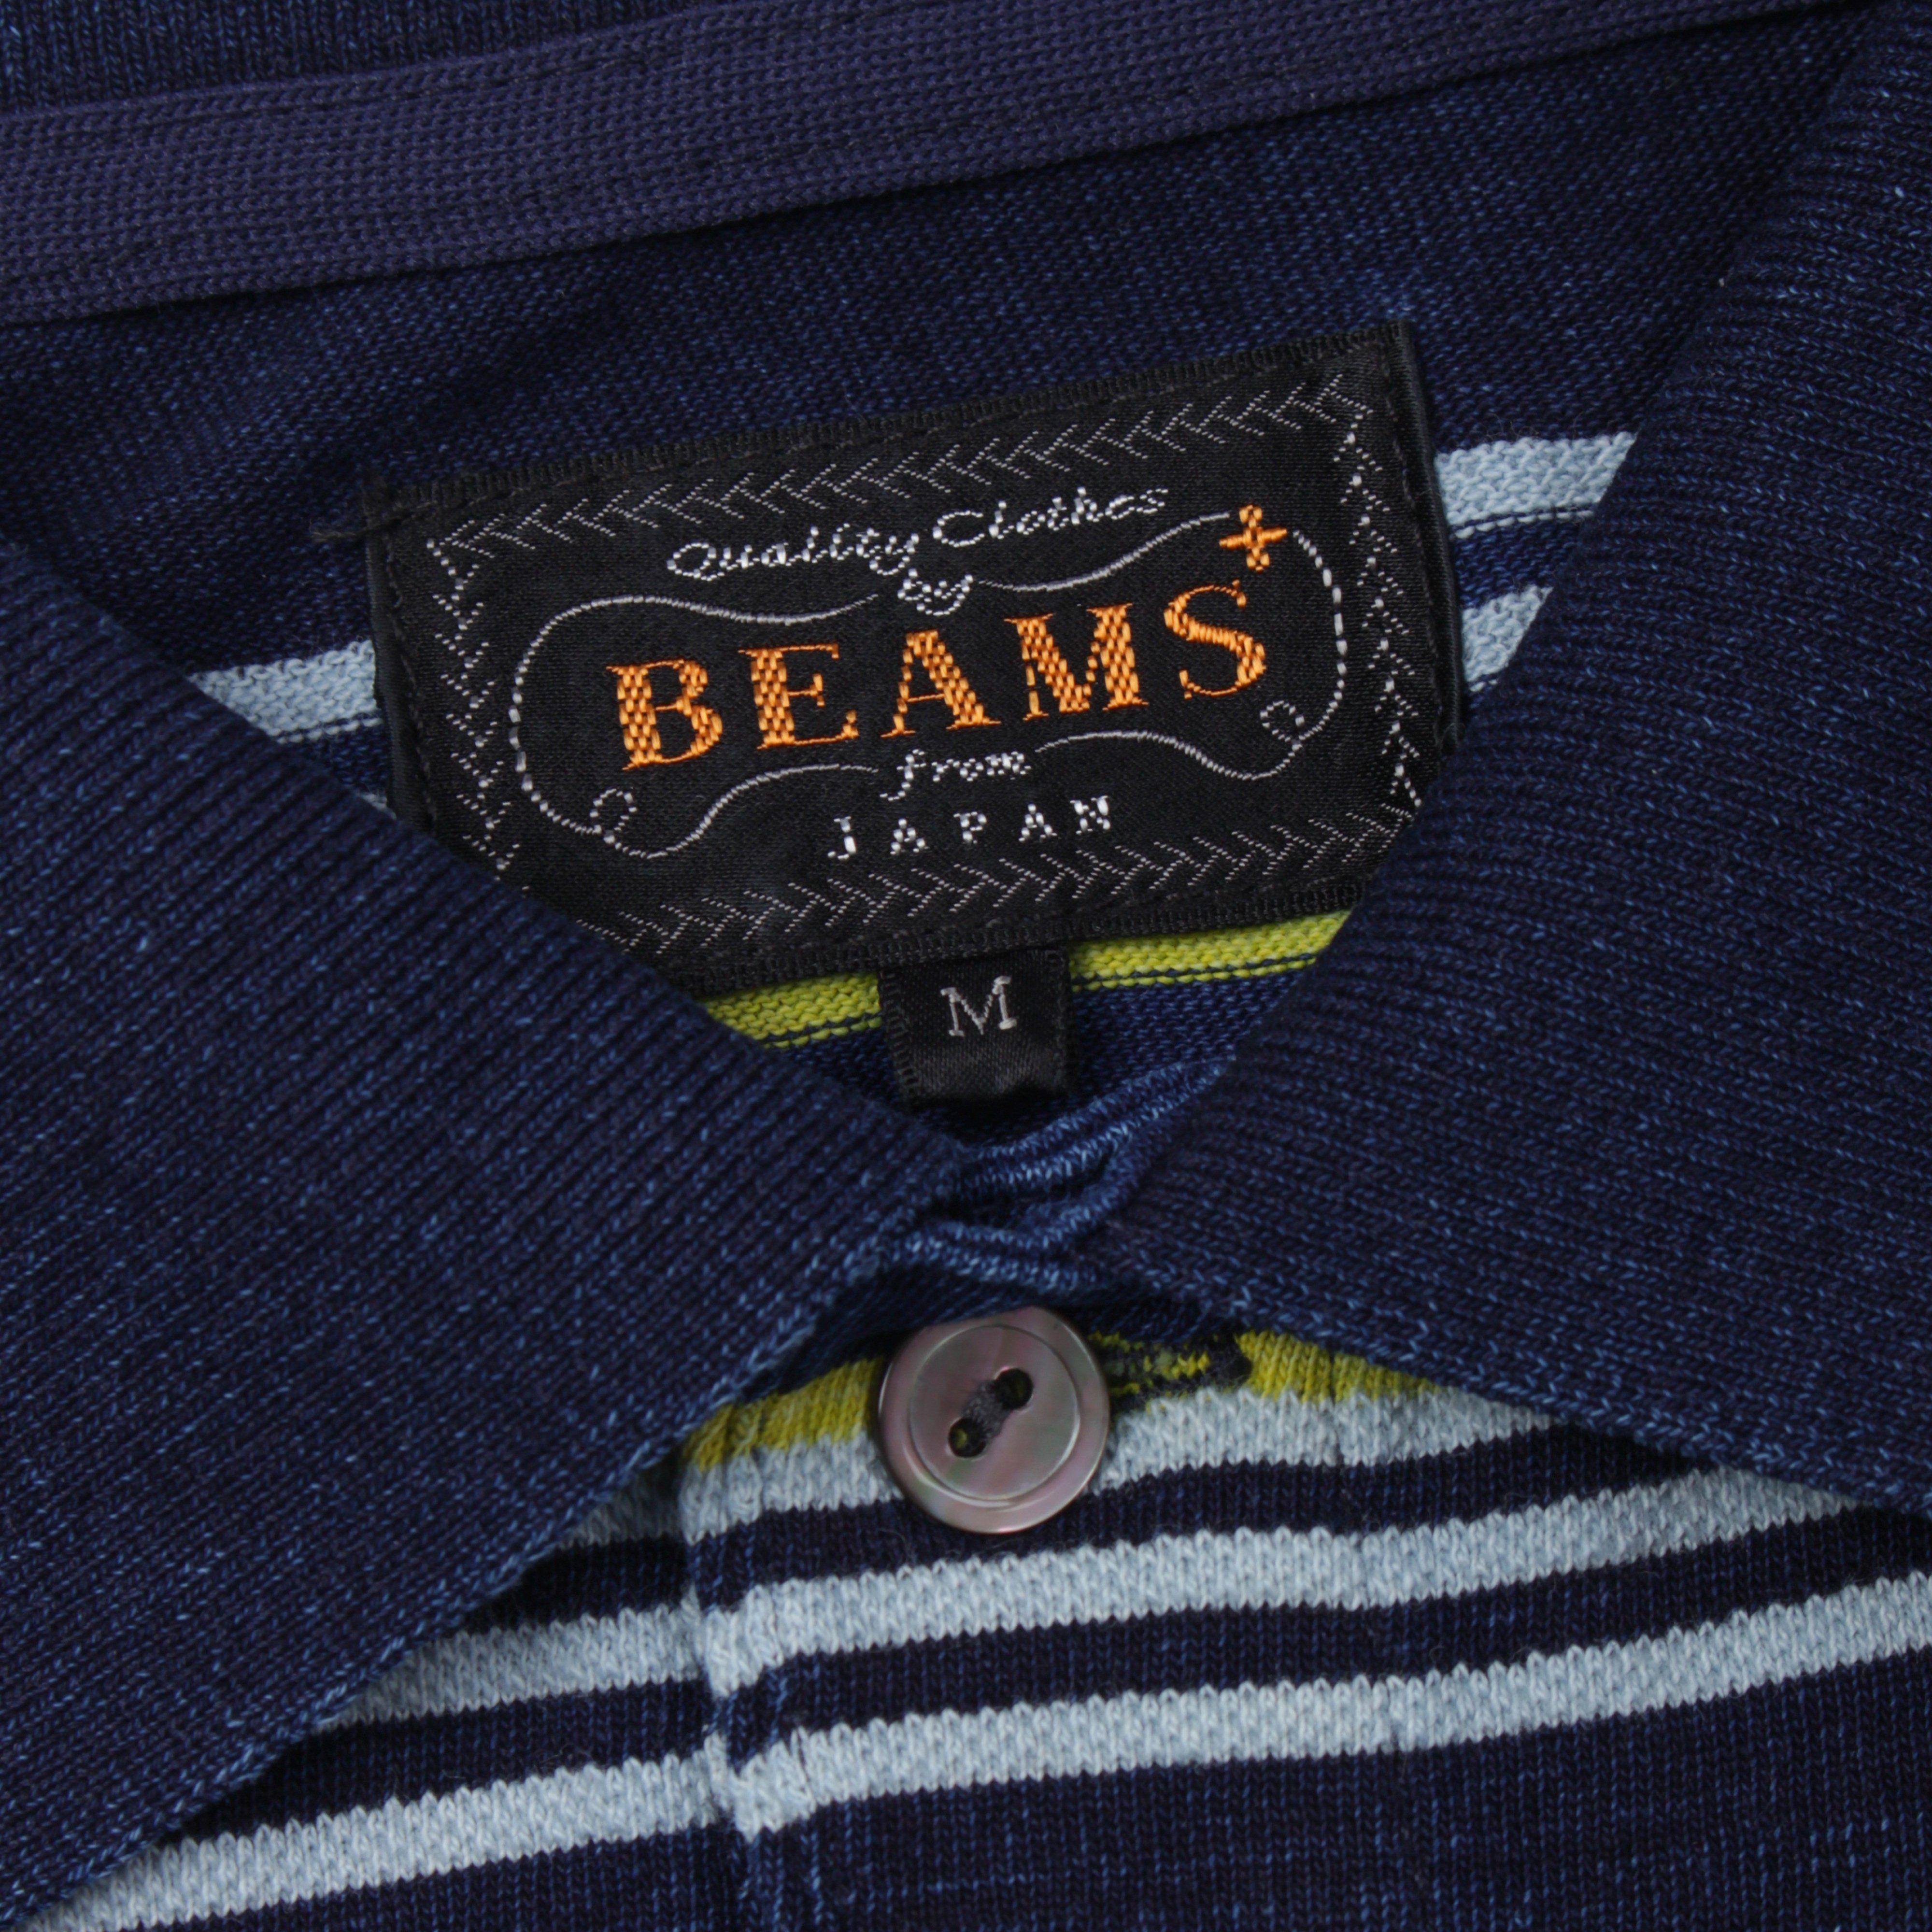 Beams Plus 1102 0338 156 POLO INDIGO BORDER